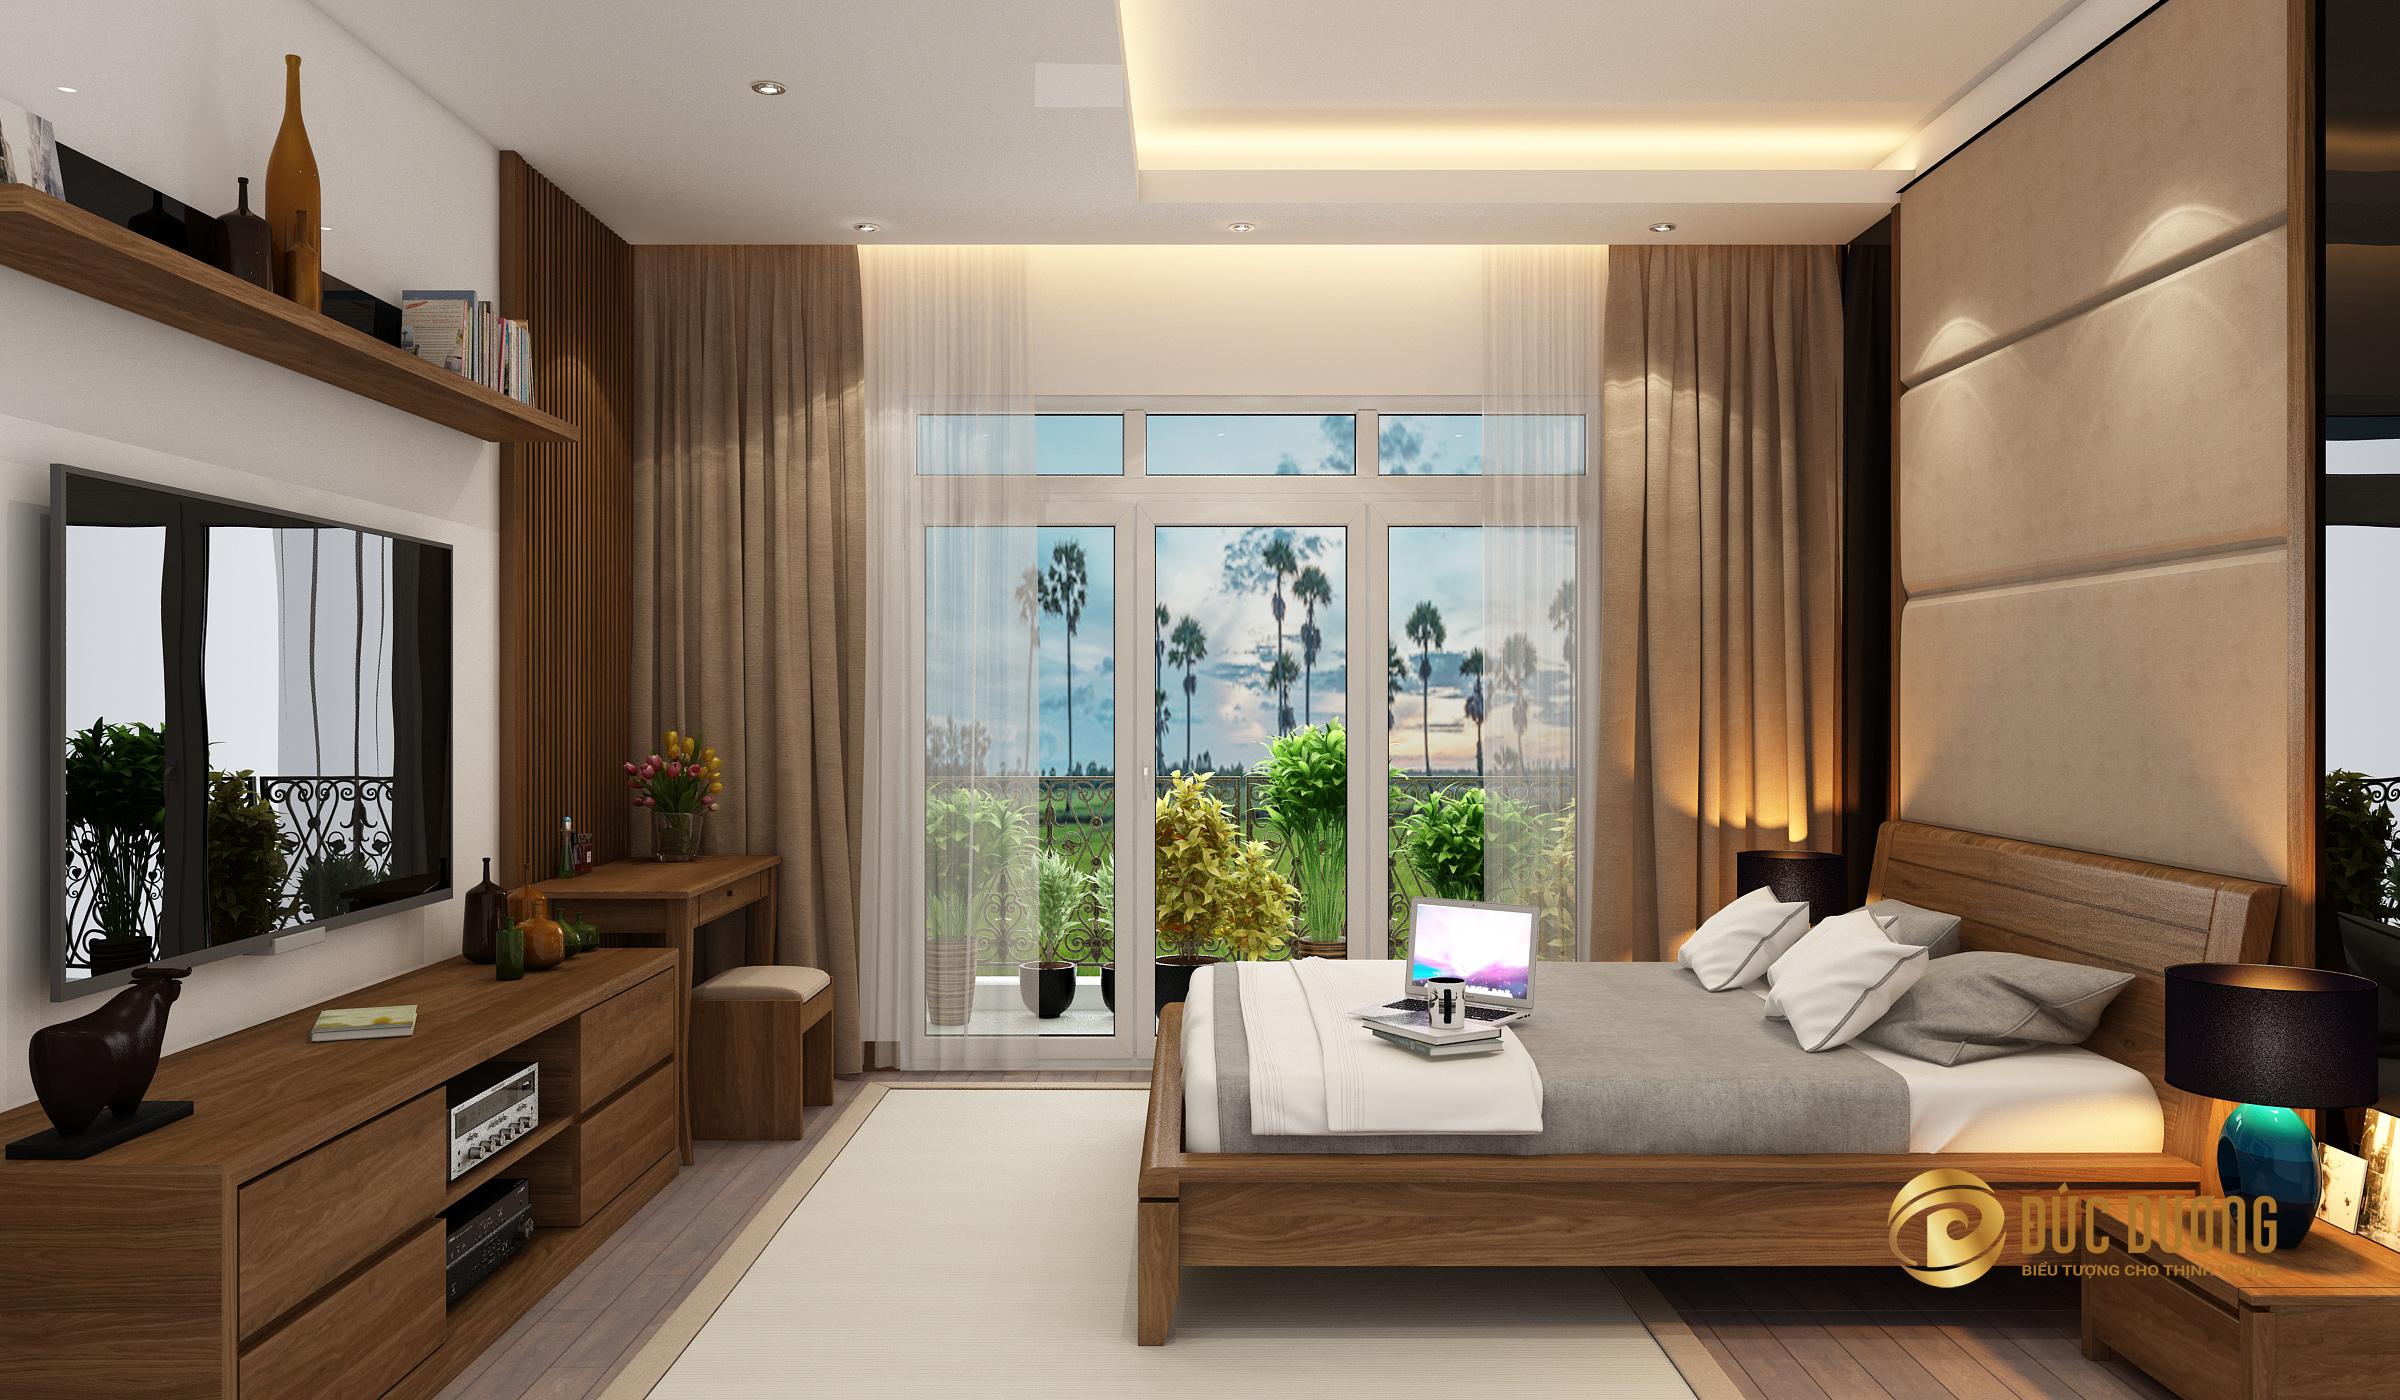 Các mẫu Nội thất Phòng ngủ đẹp